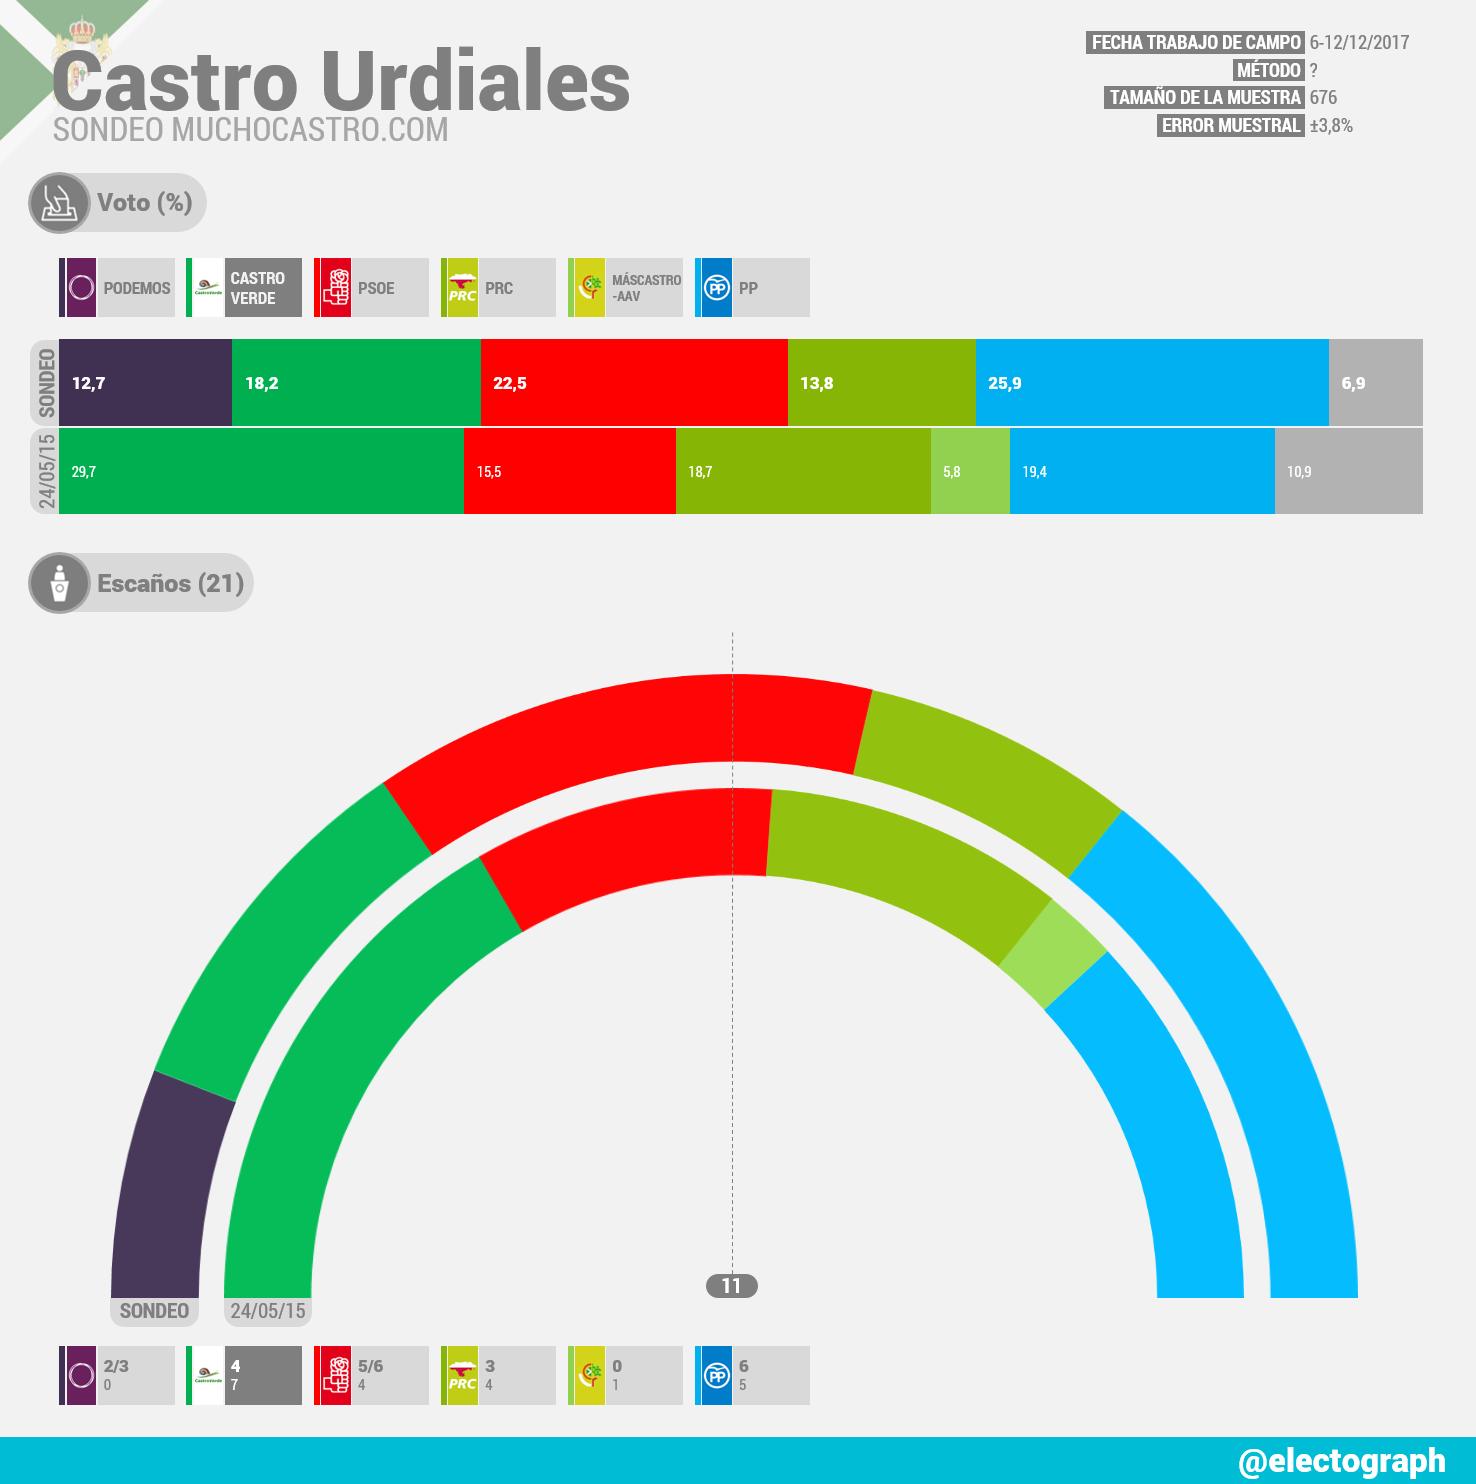 CASTRO URDIALES Gráfico de la encuesta de muchocastro.com, Enero 2018